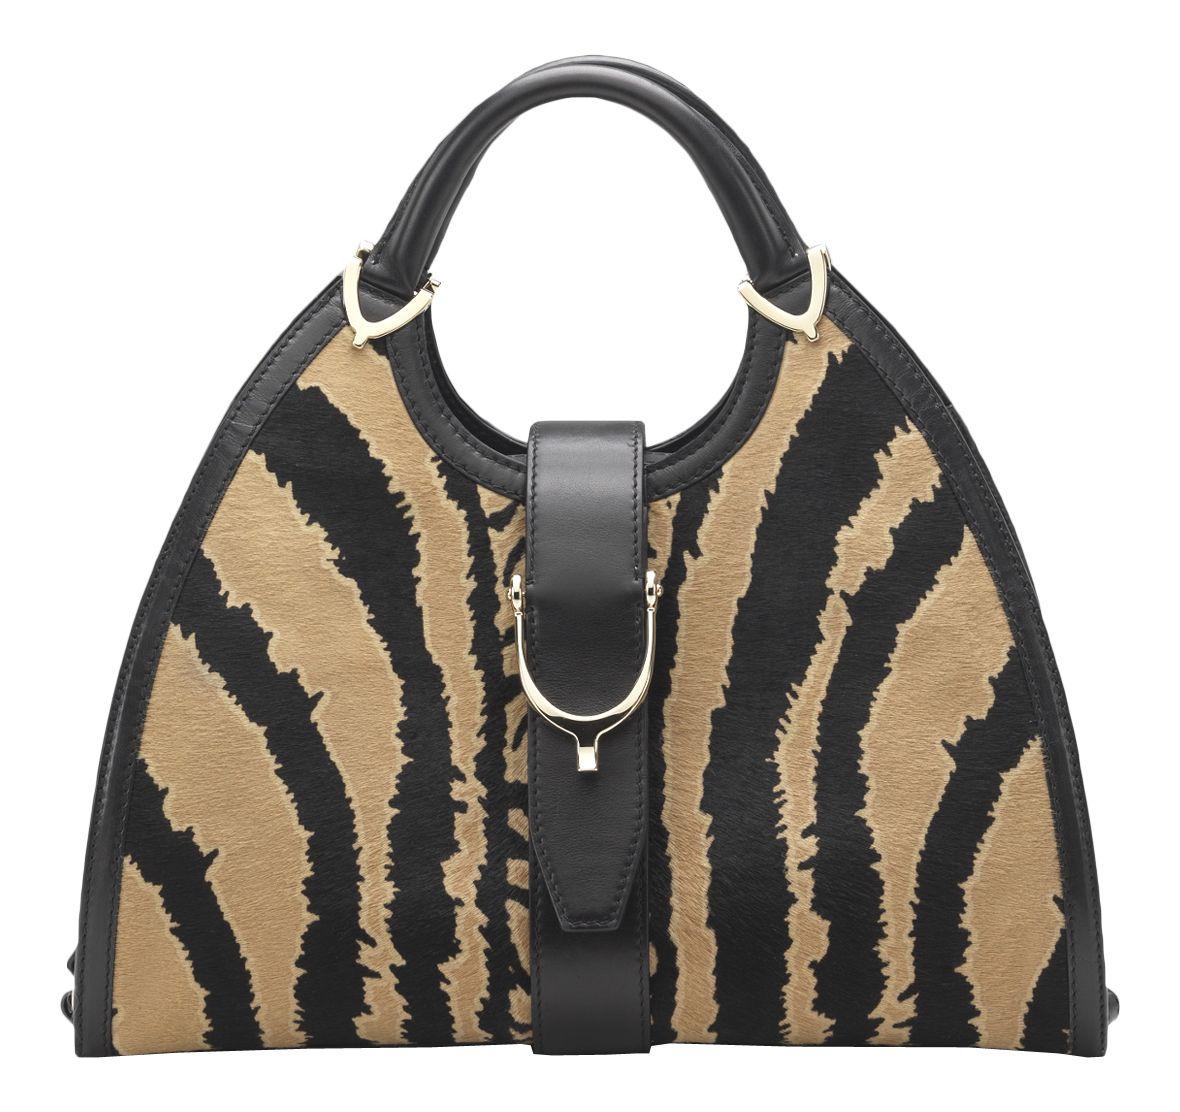 Gucci - Borse - A spalla - 277514CIJAG8737 Wild wild Gucci! (2950 d505d0da3f1